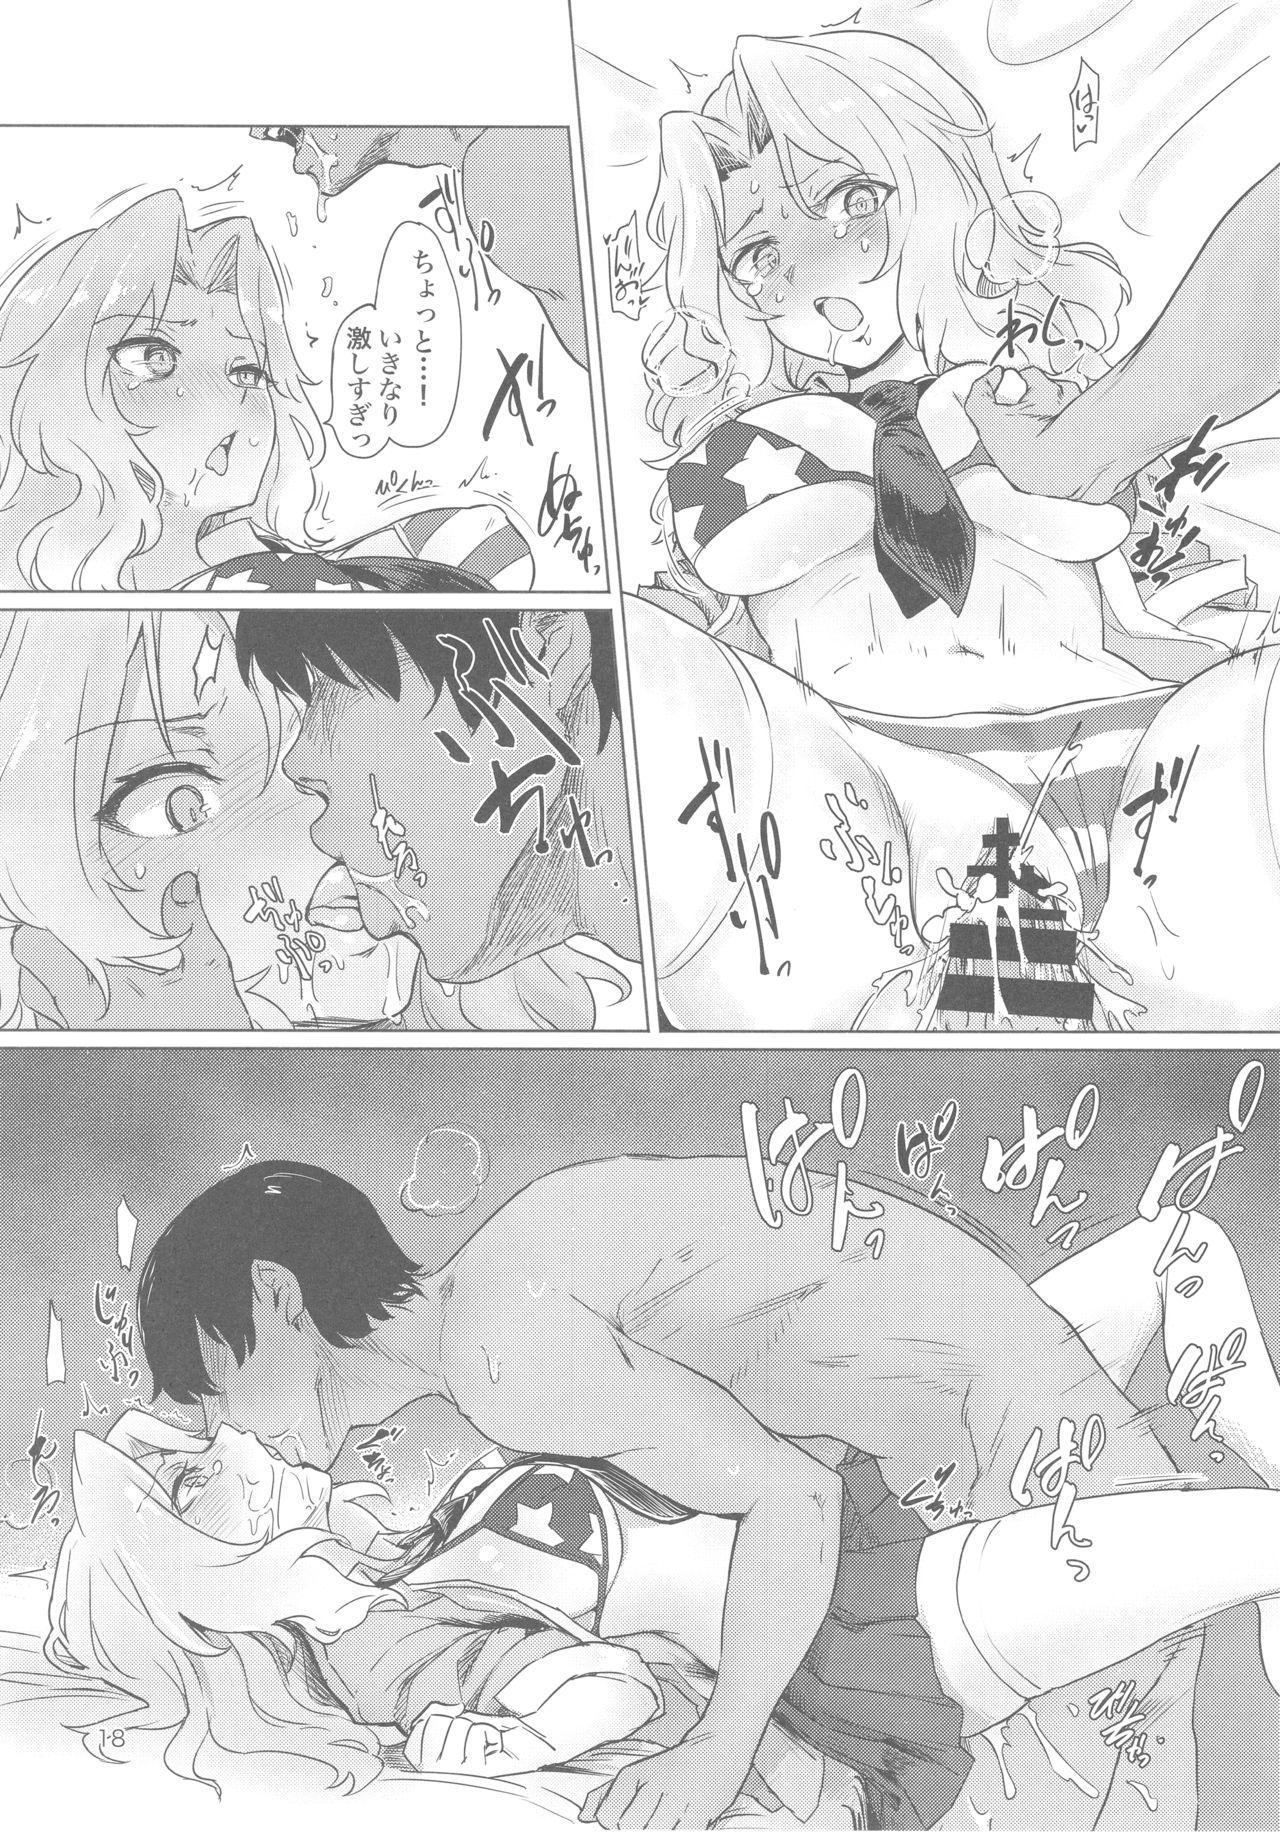 (C93) [Yakitate Jamaica (Aomushi)] Renzoku Taikyuu 8-jikan: Okay-san ga 8-jikan Buttooshi de Taikyuu Ecchi Suru Hon (Girls und Panzer) 17